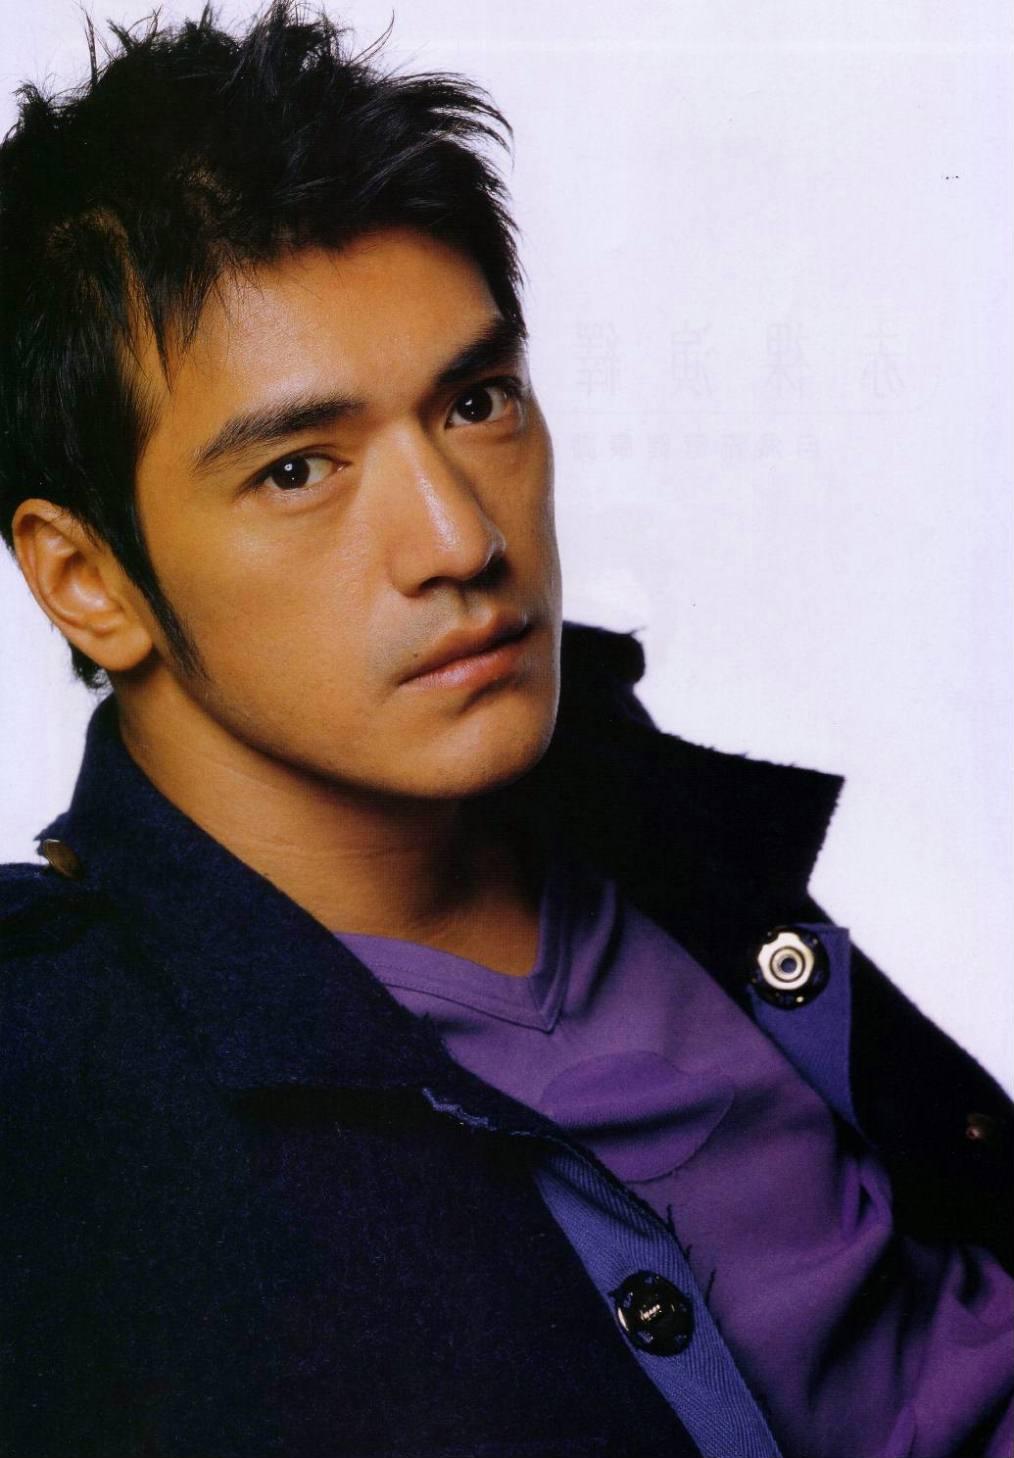 Фото азиатов парней 16 фотография